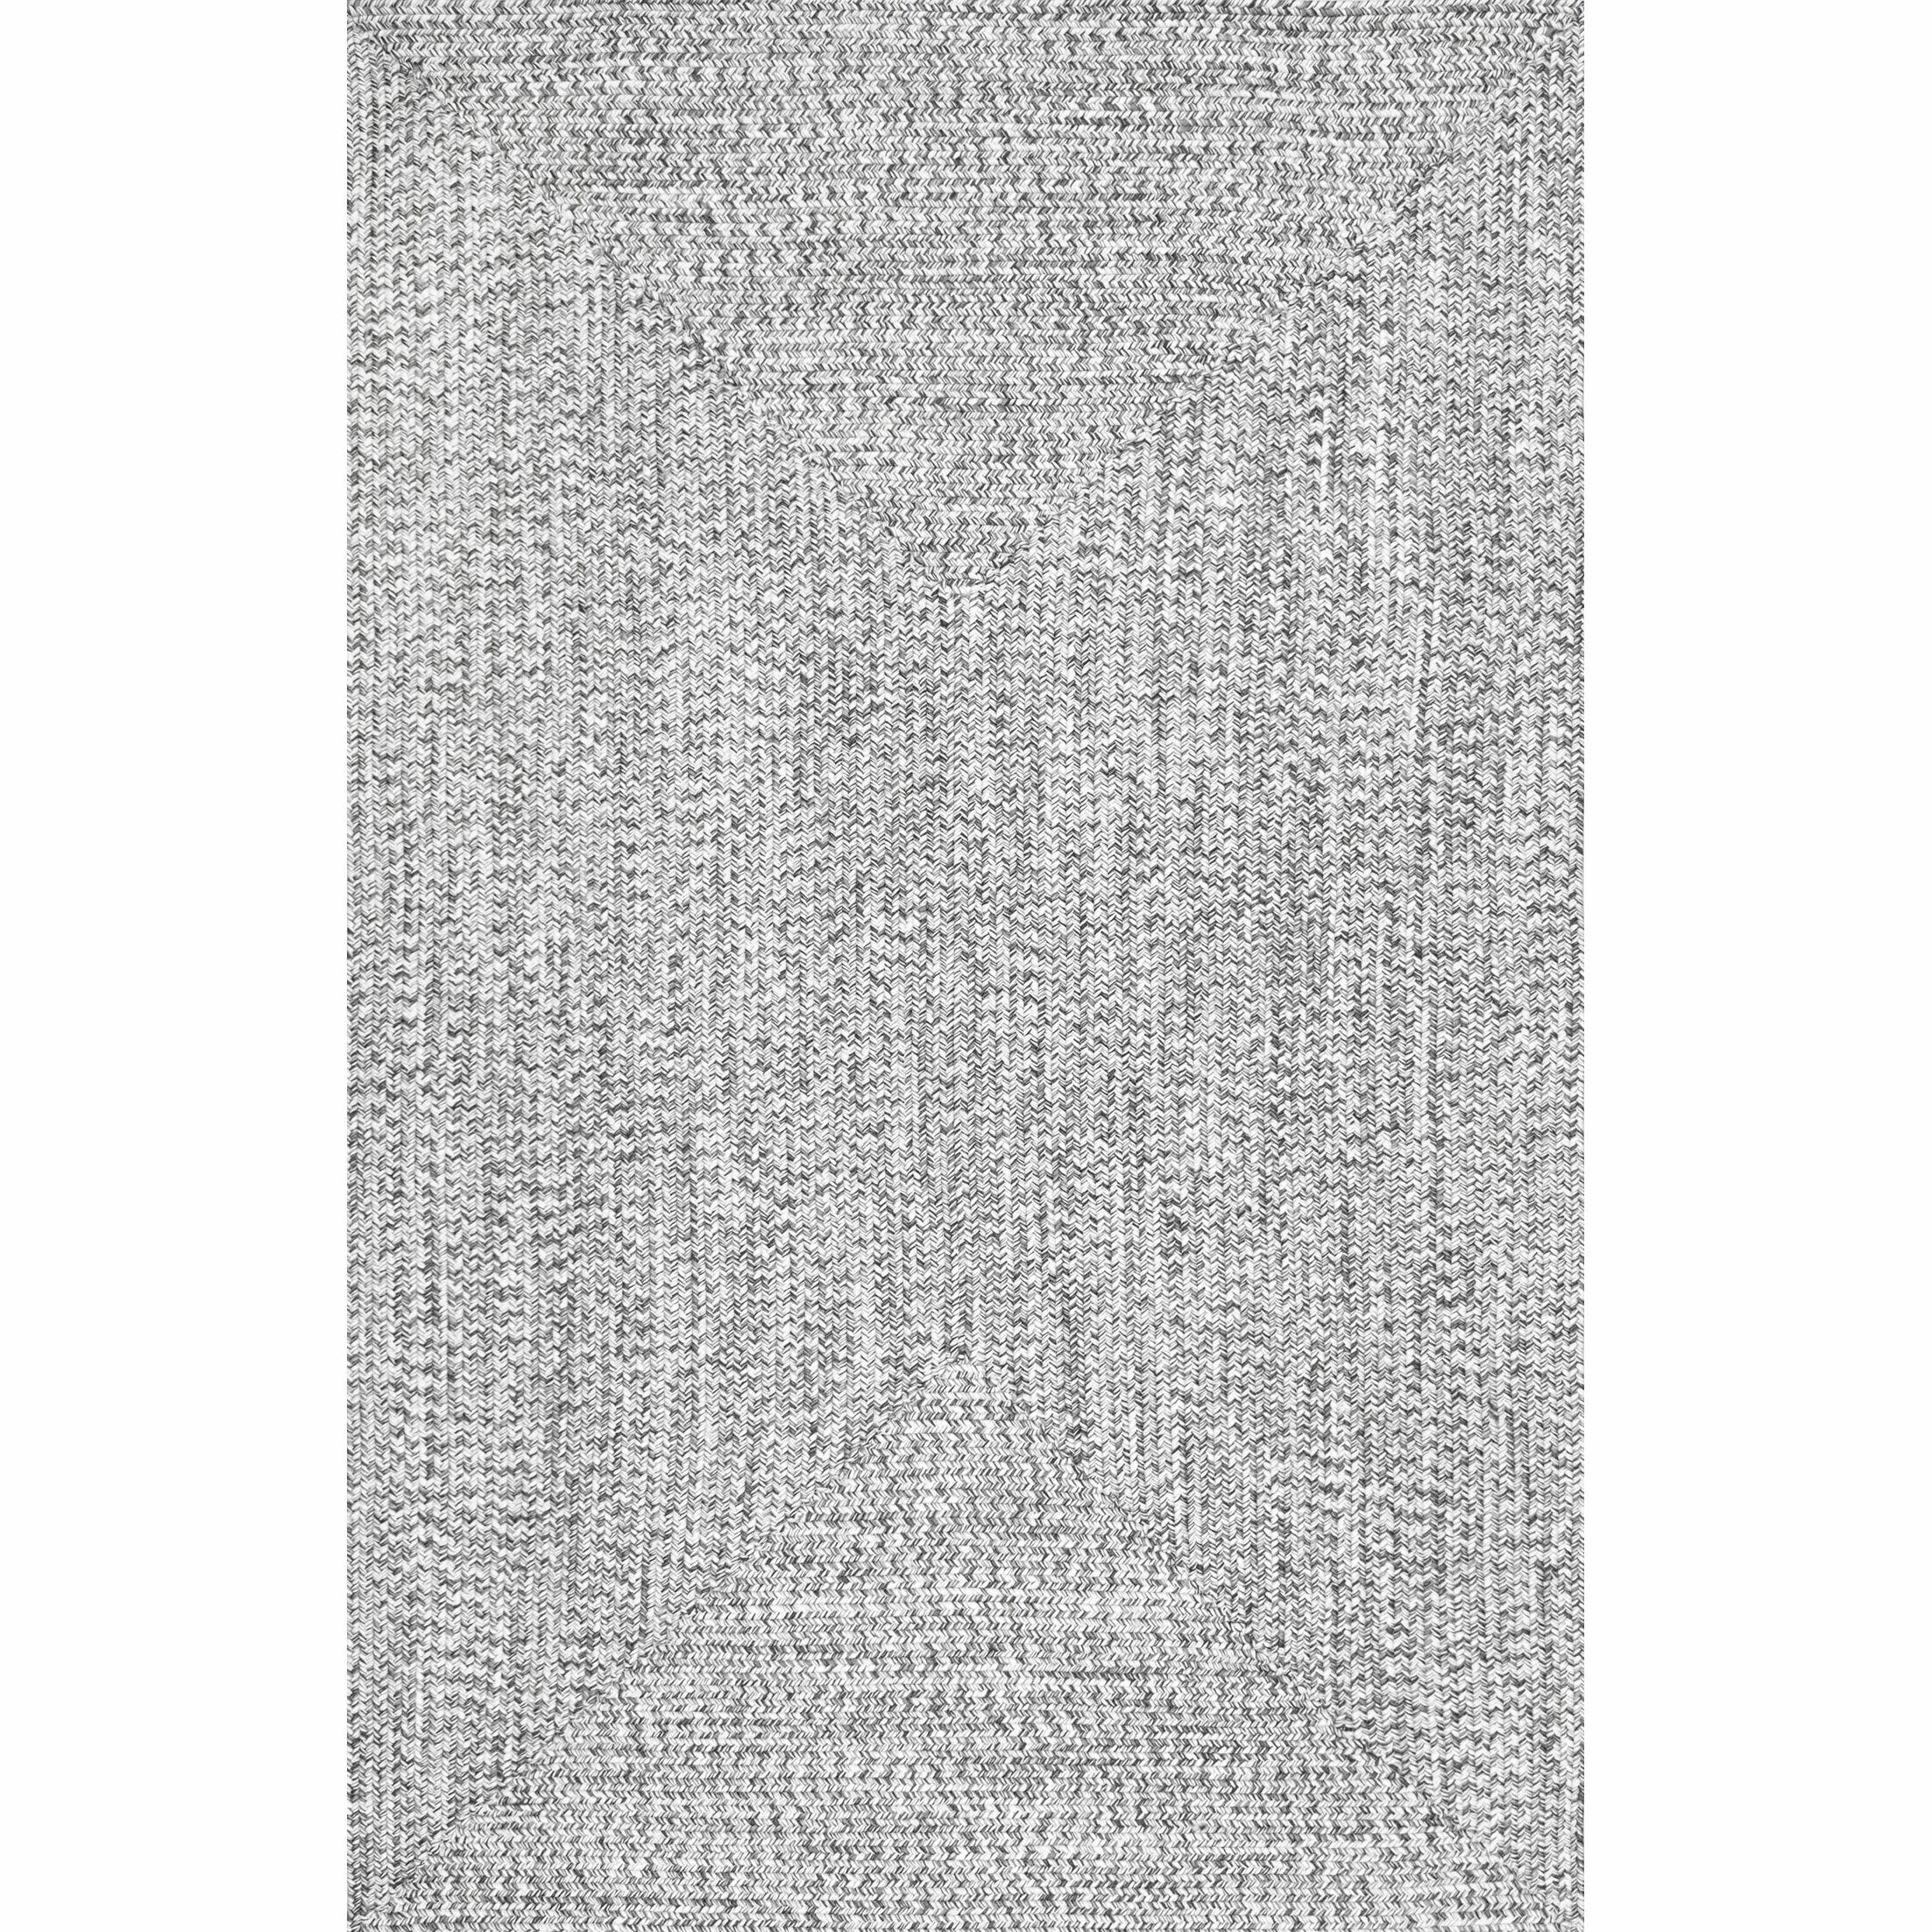 Kulpmont Gray Indoor/Outdoor Area Rug Rug Size: Rectangle 6' x 9'